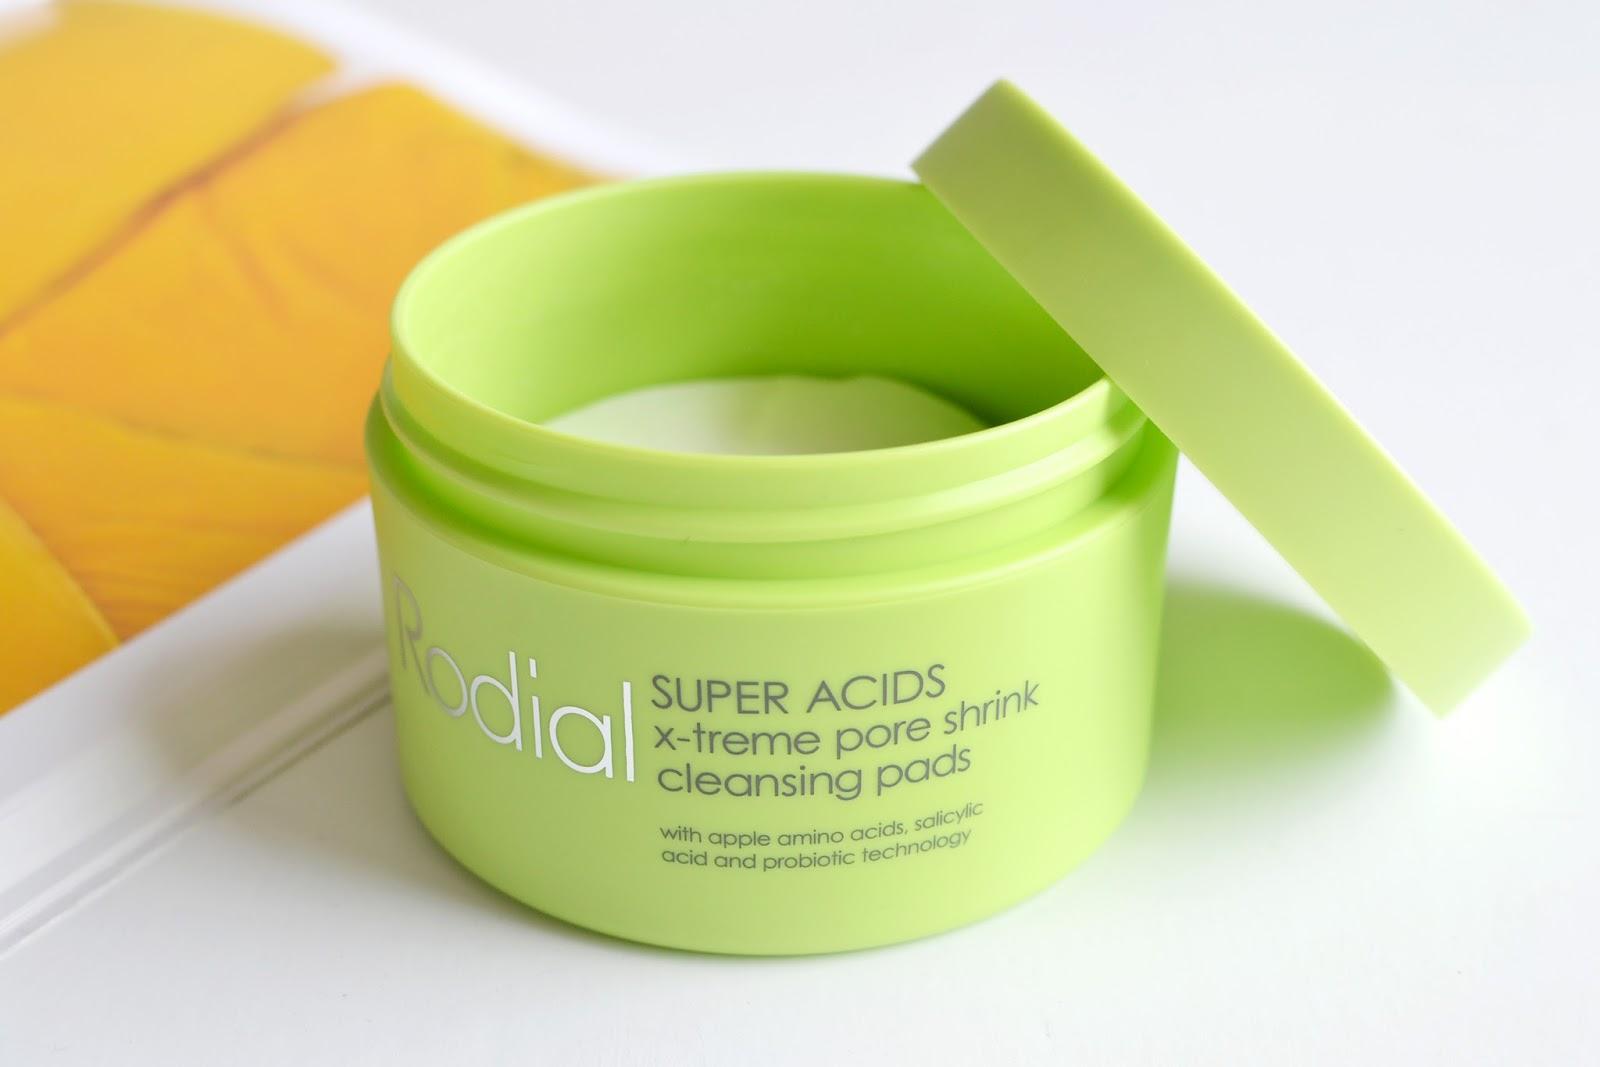 Rodial Super acids, Rodial Super acids cleansing pads